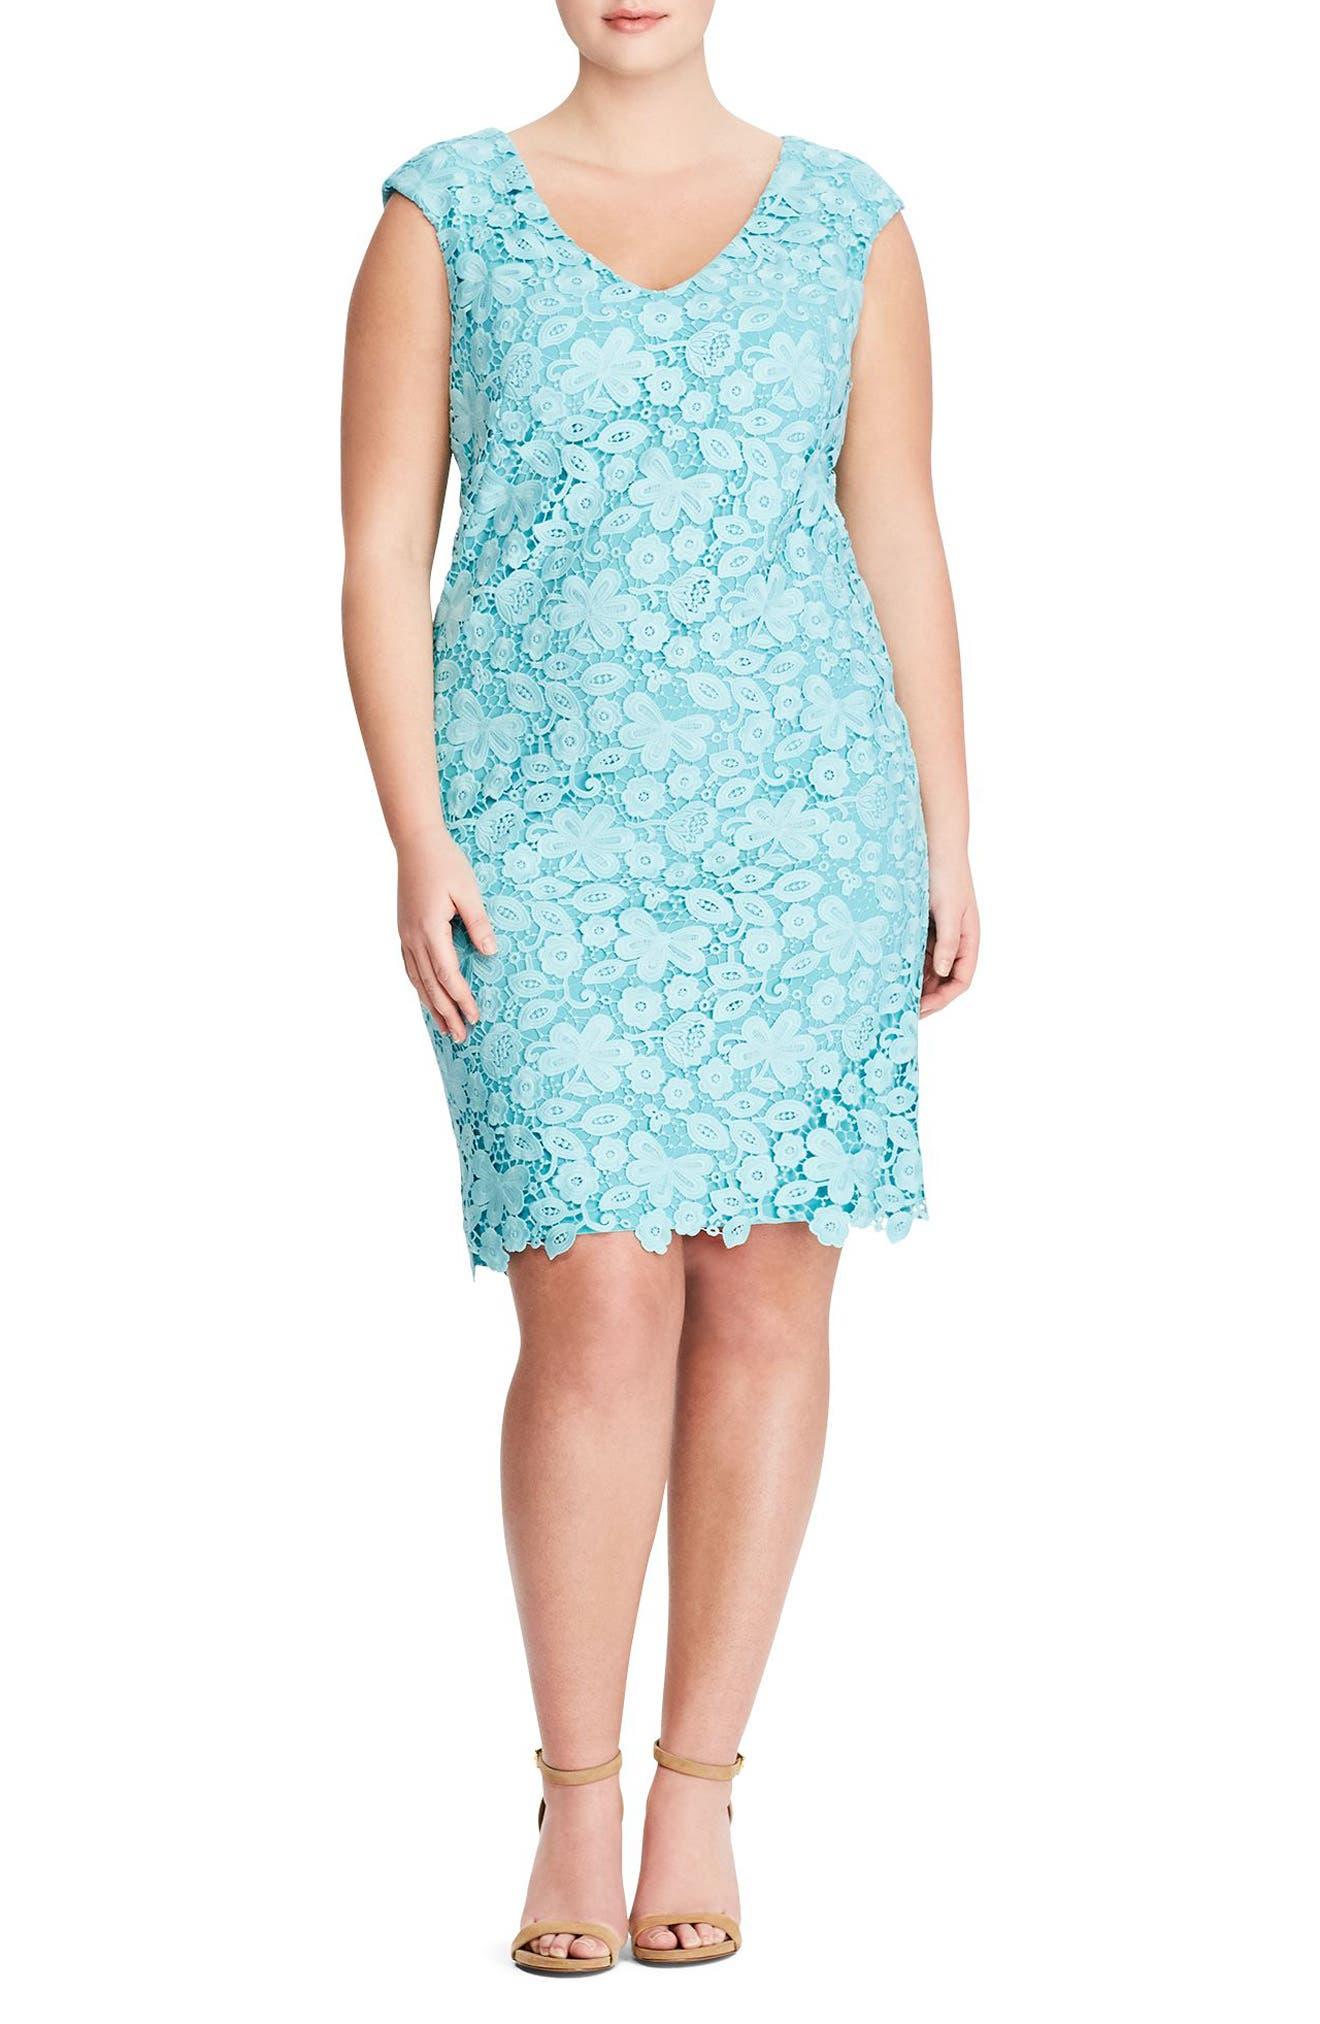 Montie Lace Sheath Dress,                             Main thumbnail 1, color,                             400